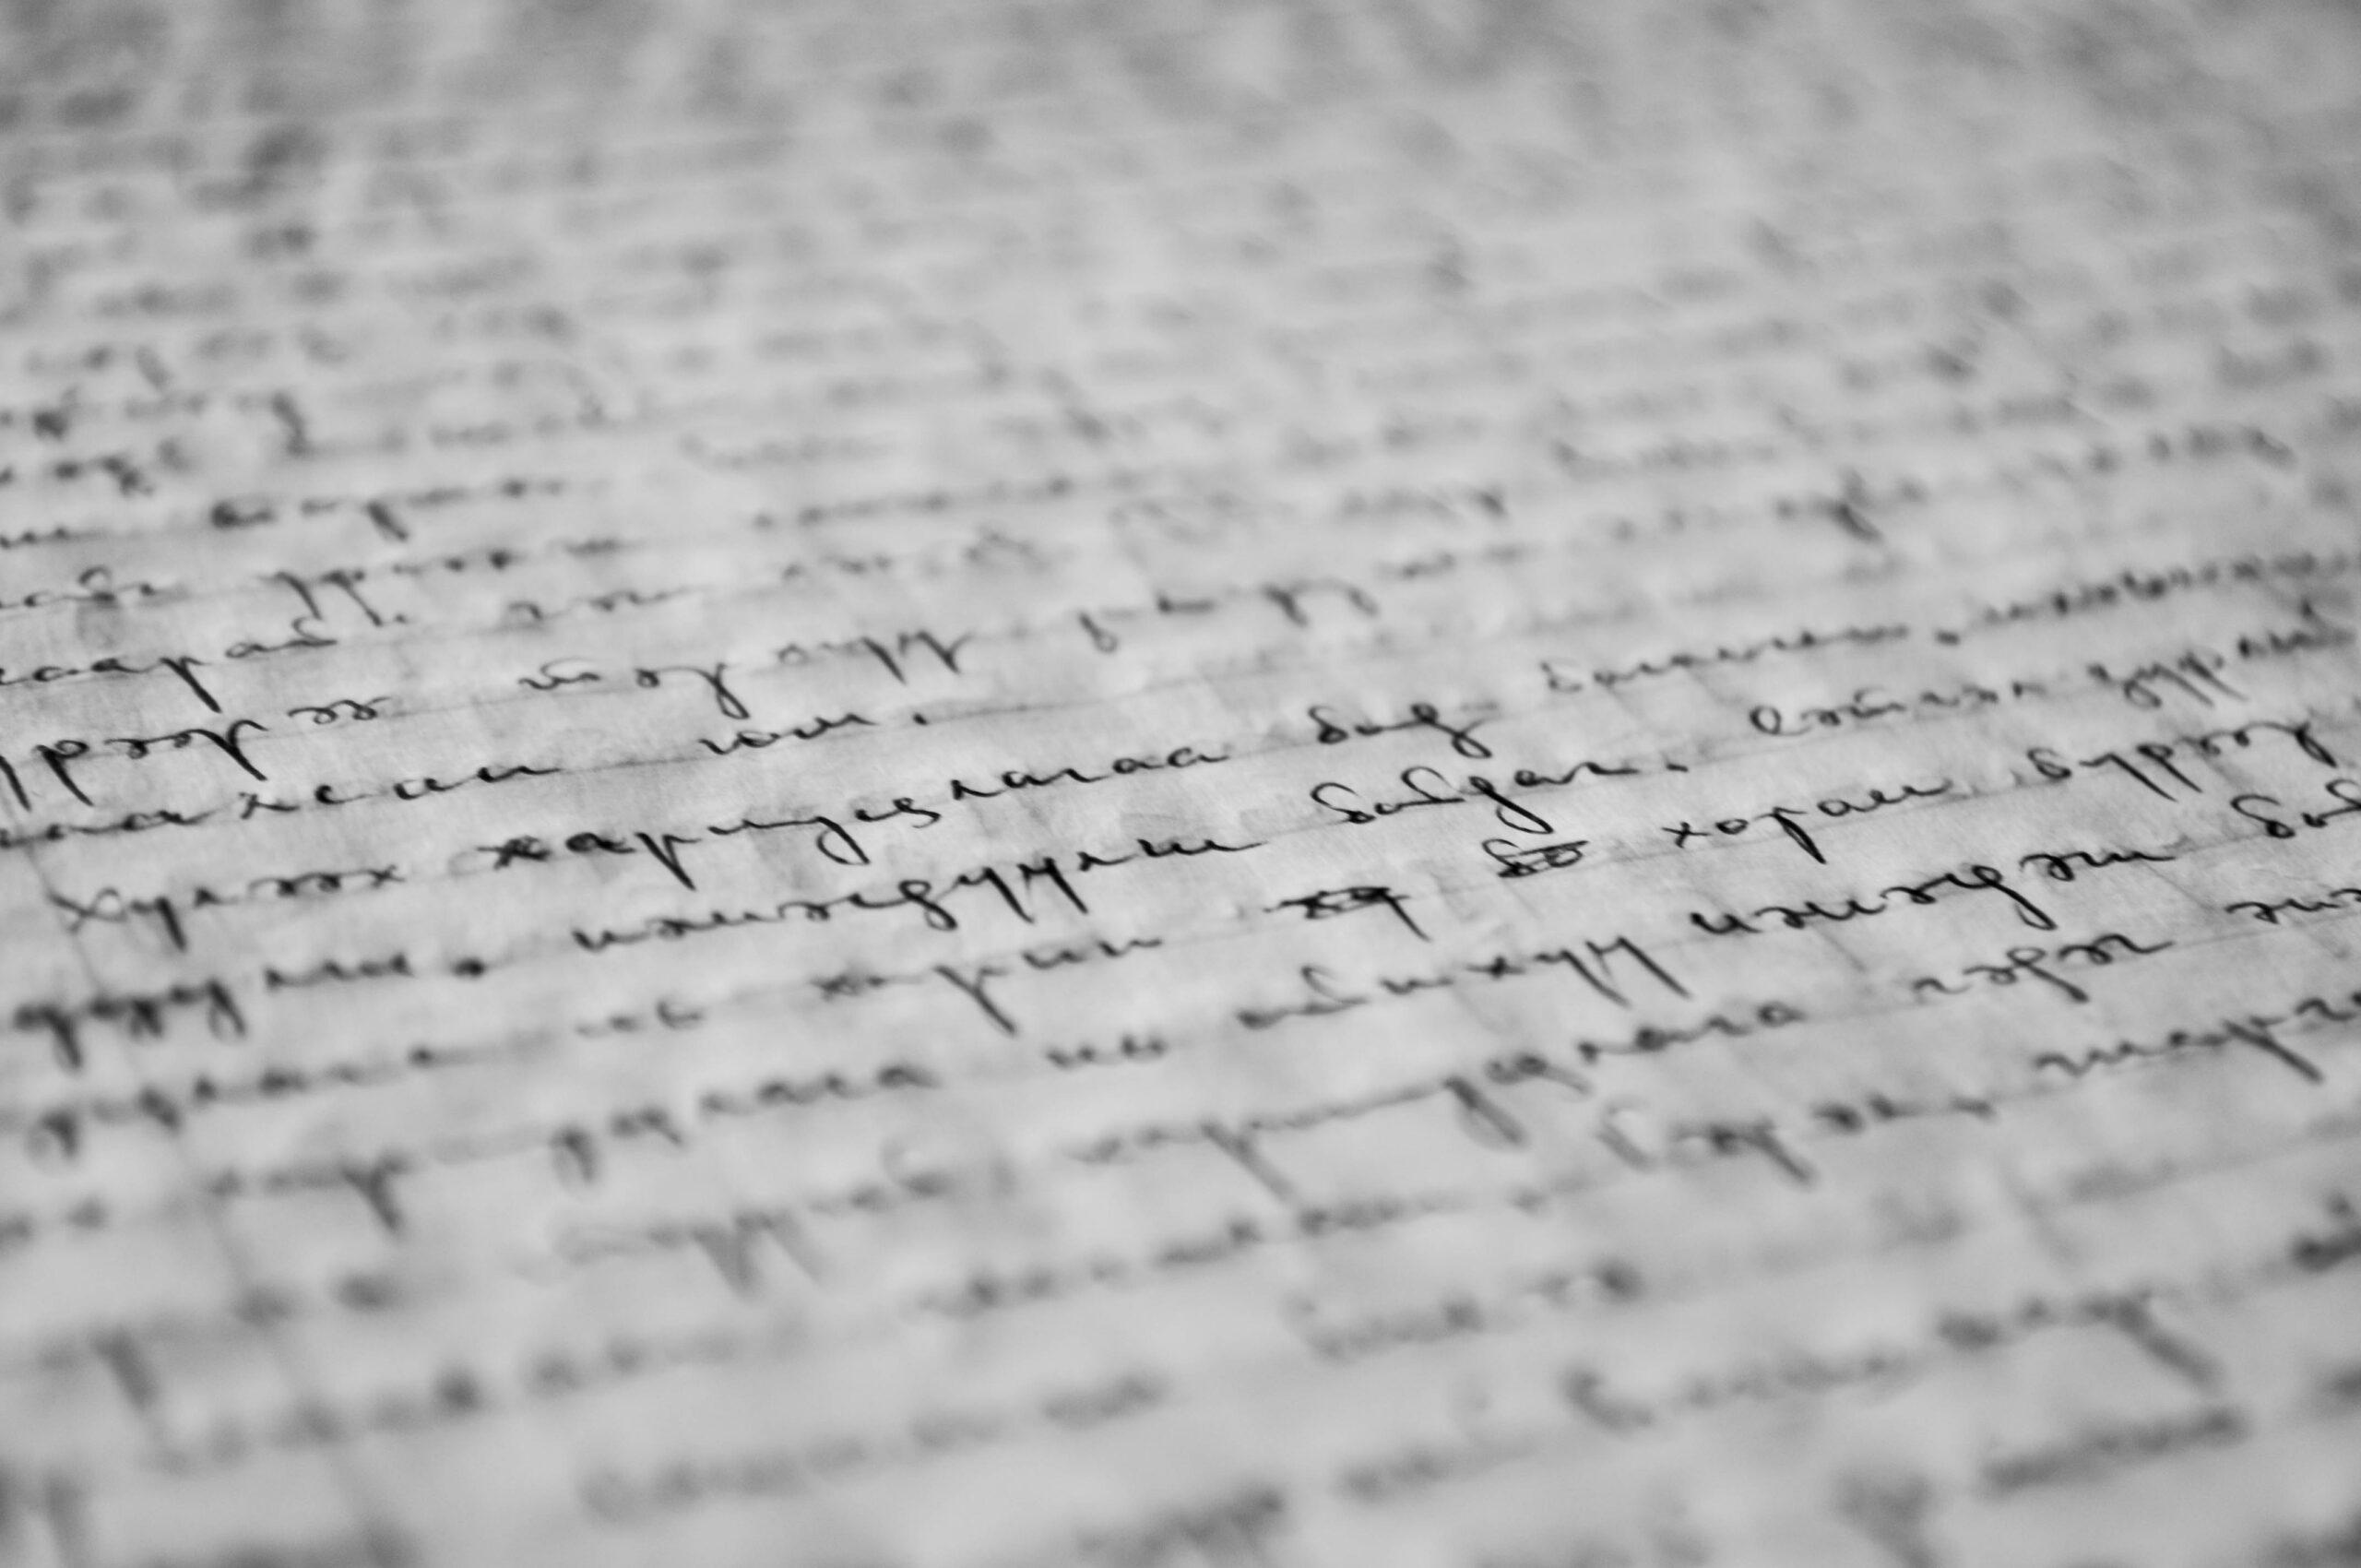 Alles ist Text und jeder Text hat Lücken